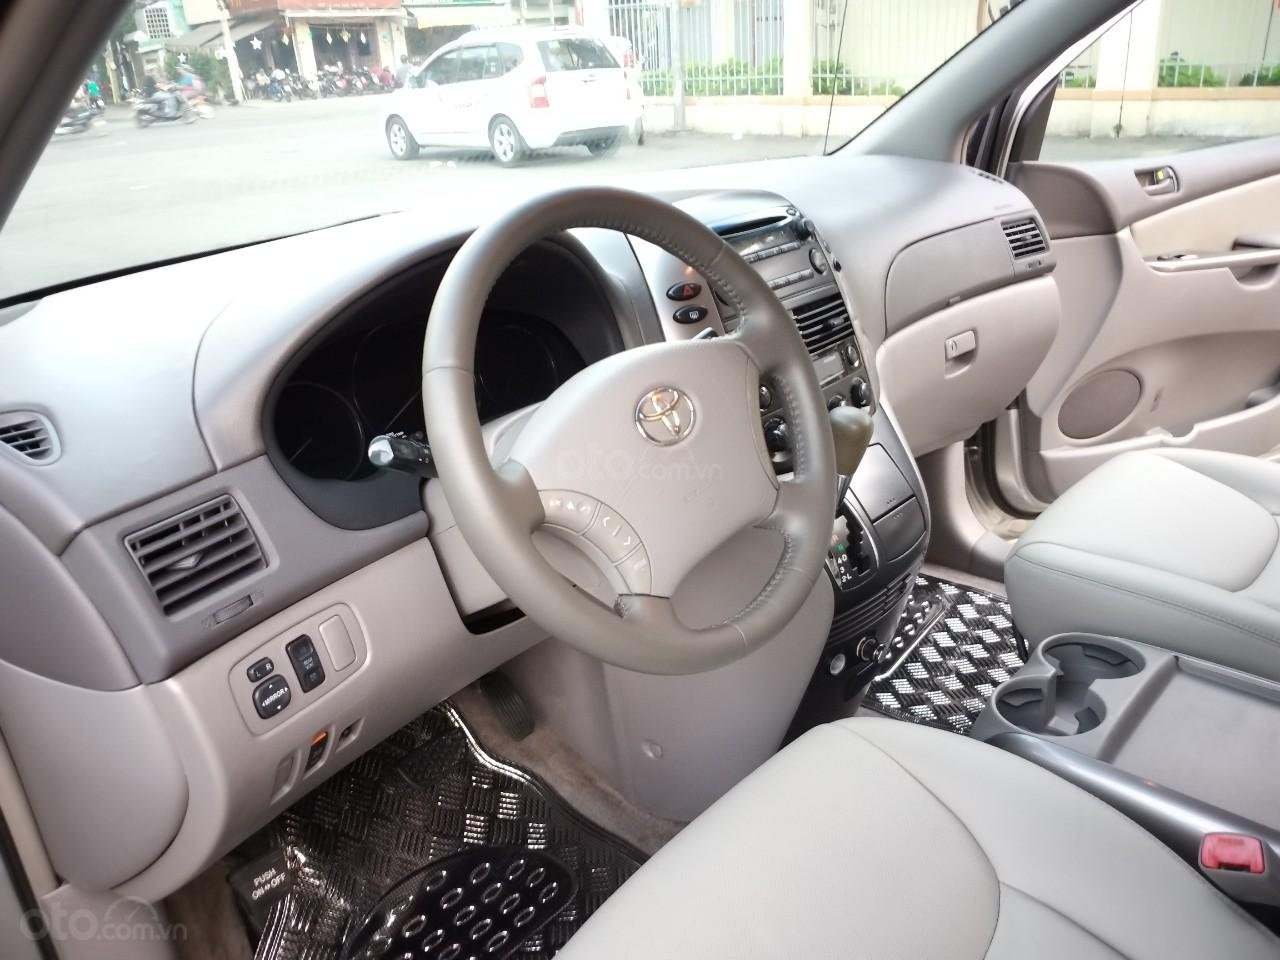 Toyota Sienna LE model 2008, xe nhà ít chạy còn rất mới, mới không đối thủ, toàn bộ còn zin theo xe (11)